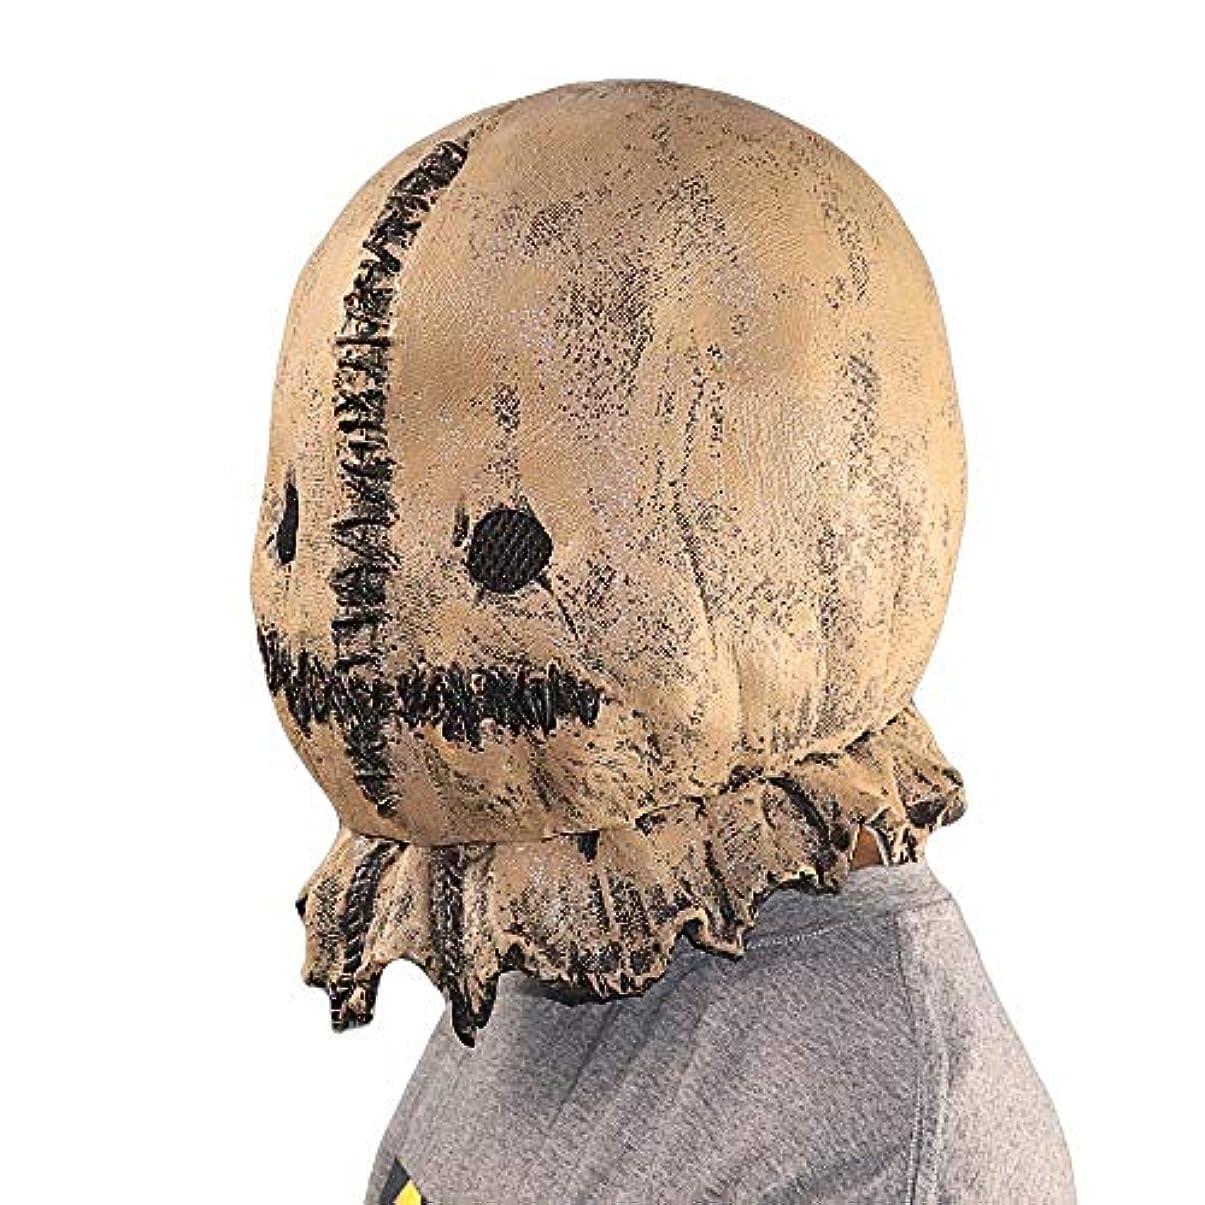 ベジタリアンクリスチャンドックハロウィンラテックスかかしマスクヘッドギアハロウィンマッドネスマスクホラーボール小道具